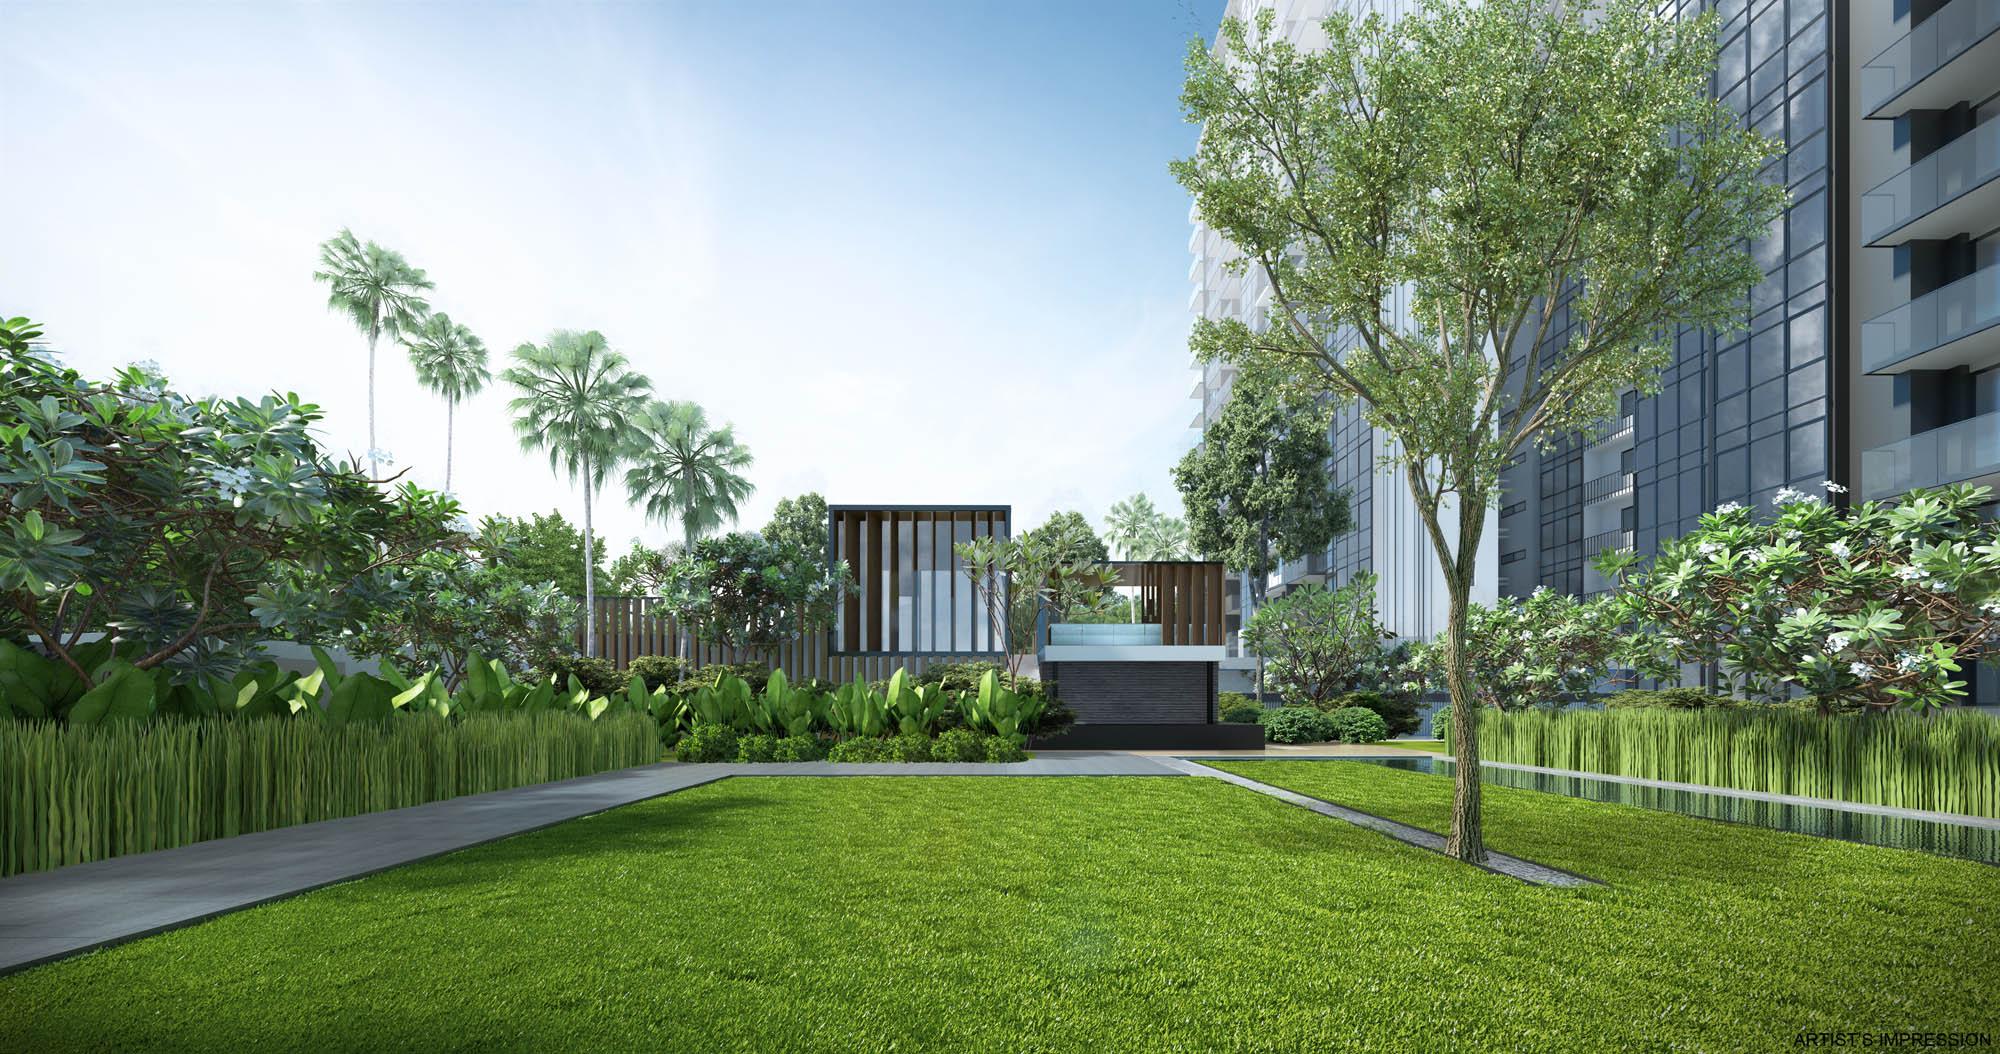 Thomson Impressions Lawn